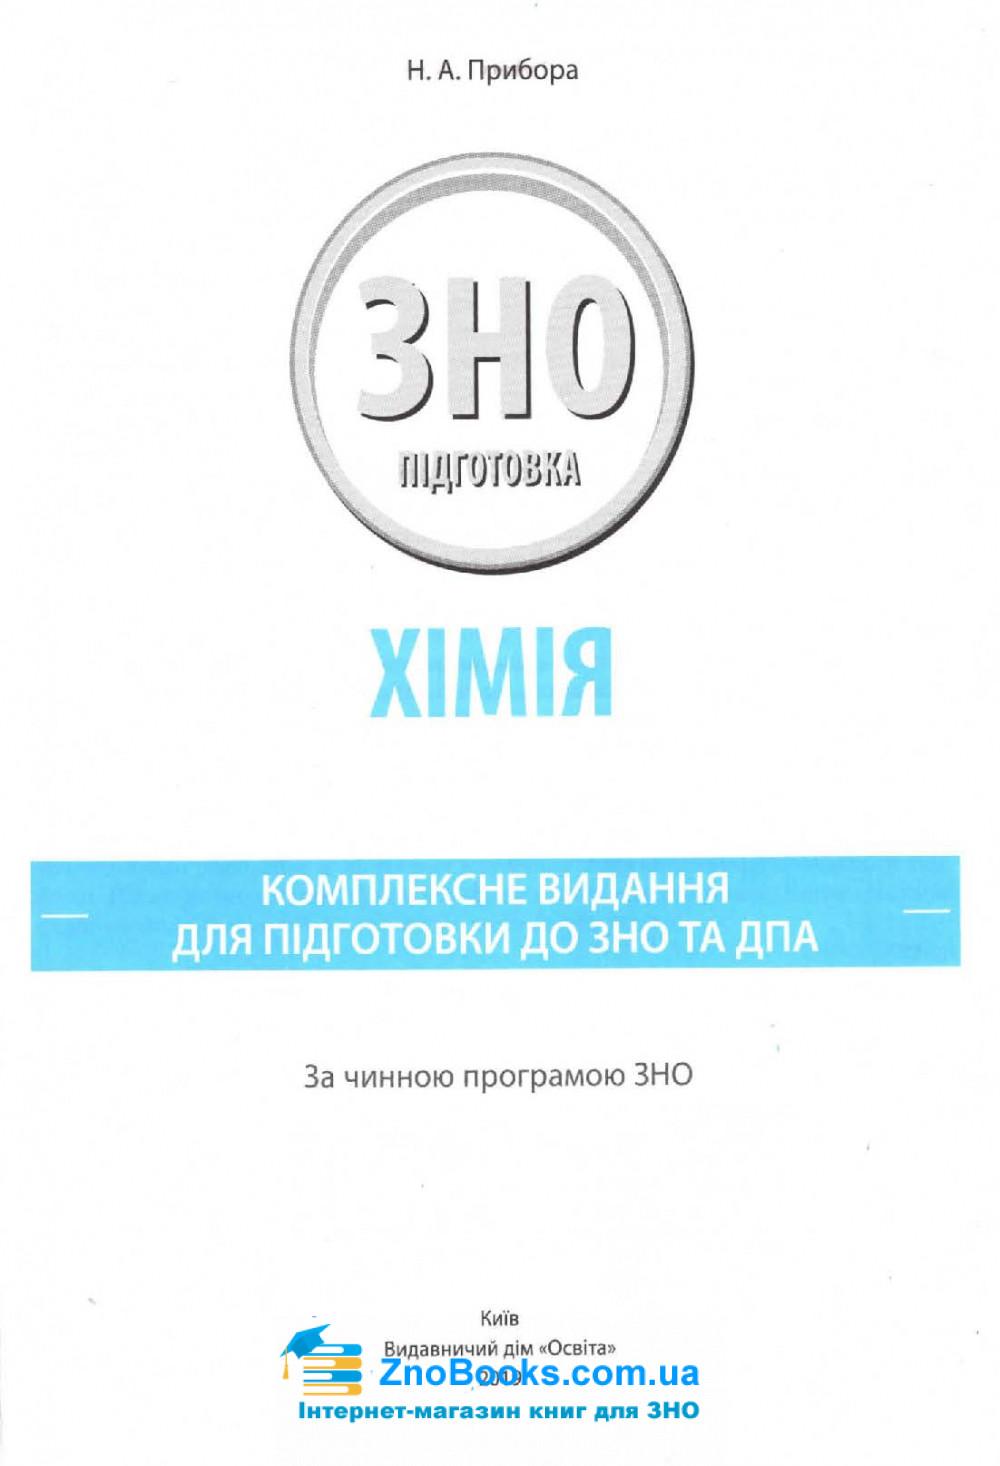 Хімія ЗНО 2020. (Прибора Н.) Комплексне видання для підготовки : Освіта купити 1